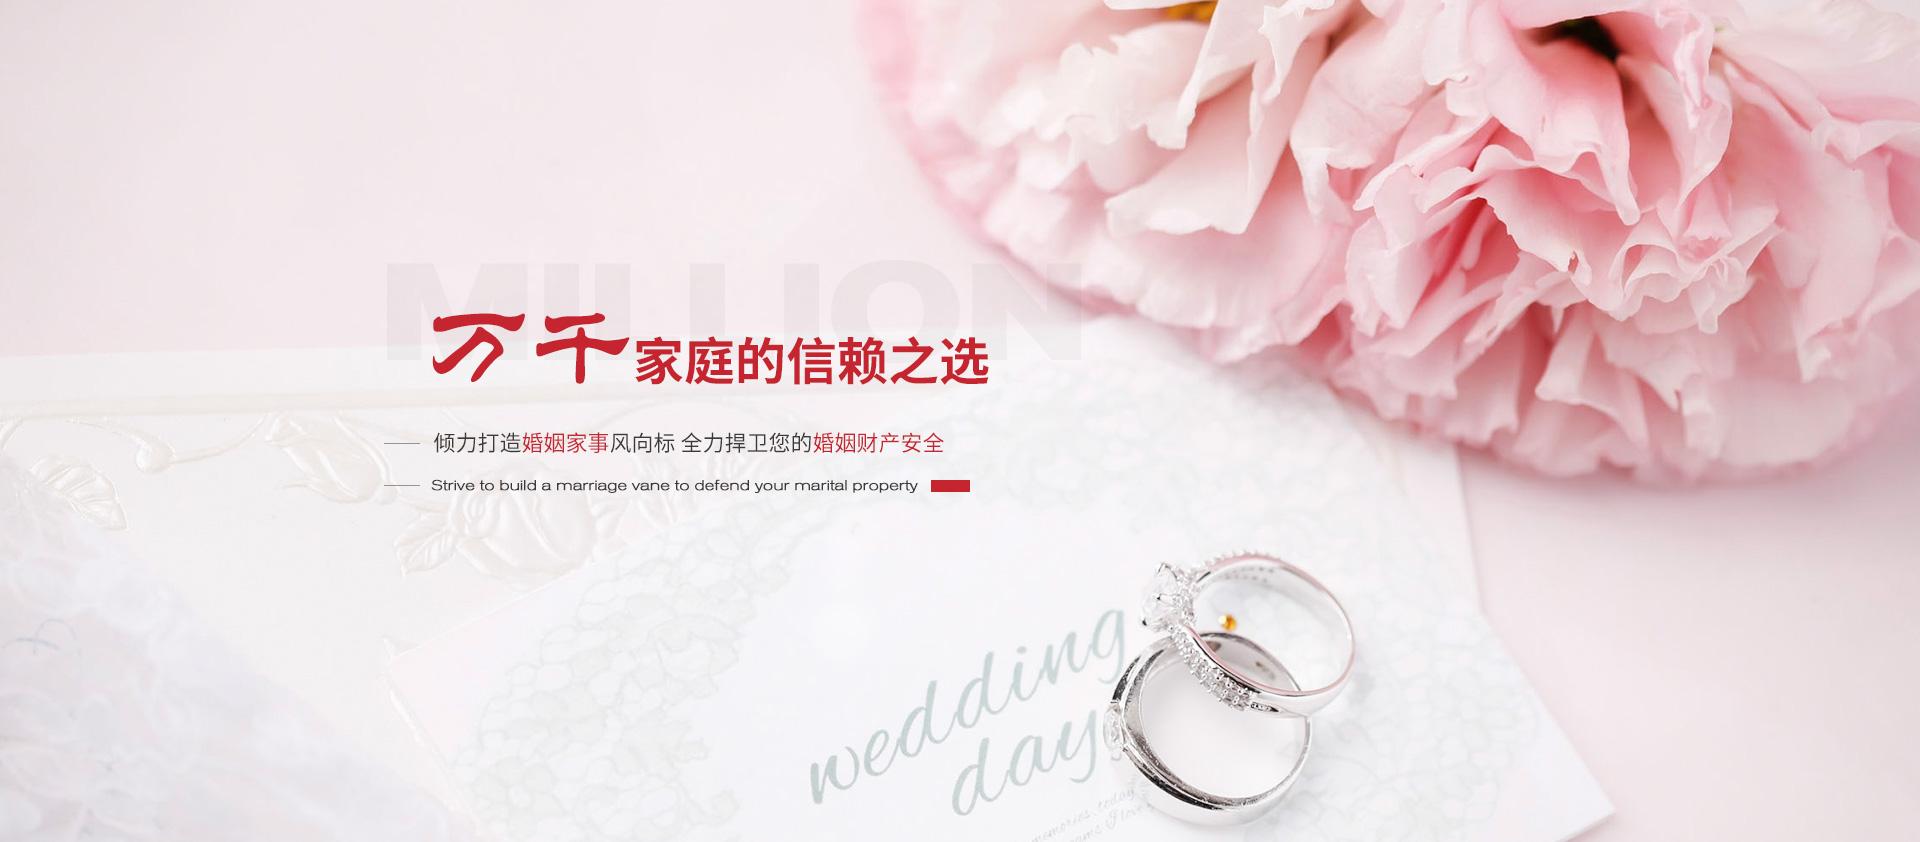 北京离婚律师团队